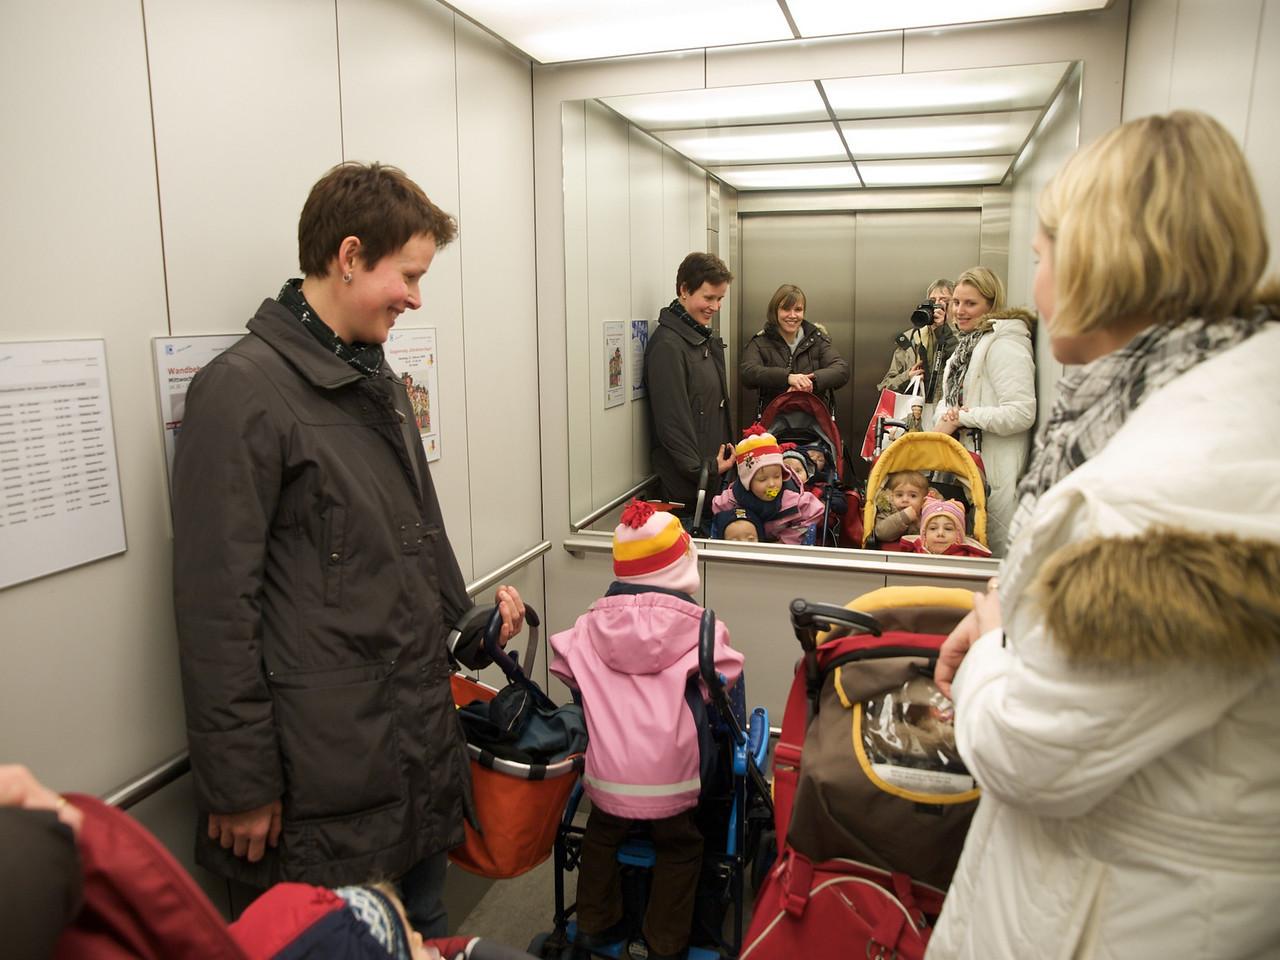 Sunday 22nd fe 2009 - a lift full of children